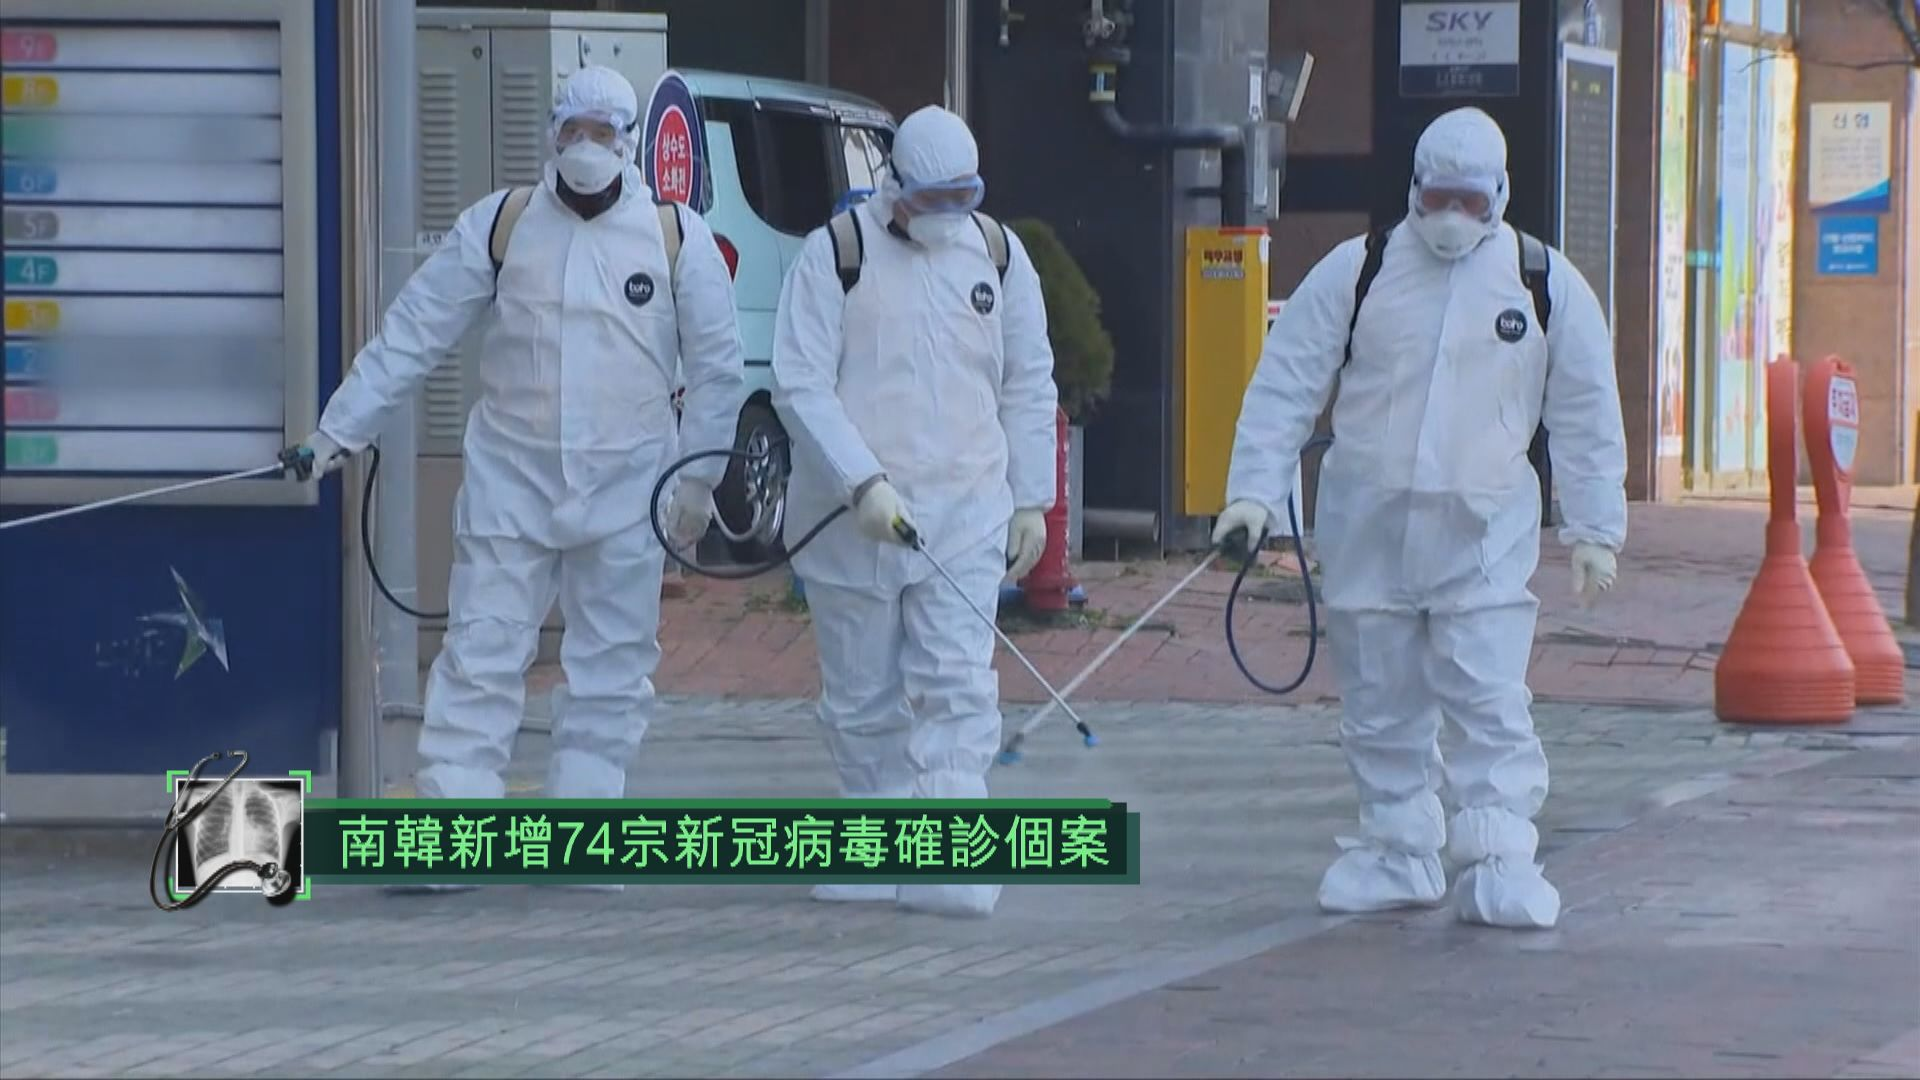 南韓京畿道有教會爆集體感染 最少46人染病